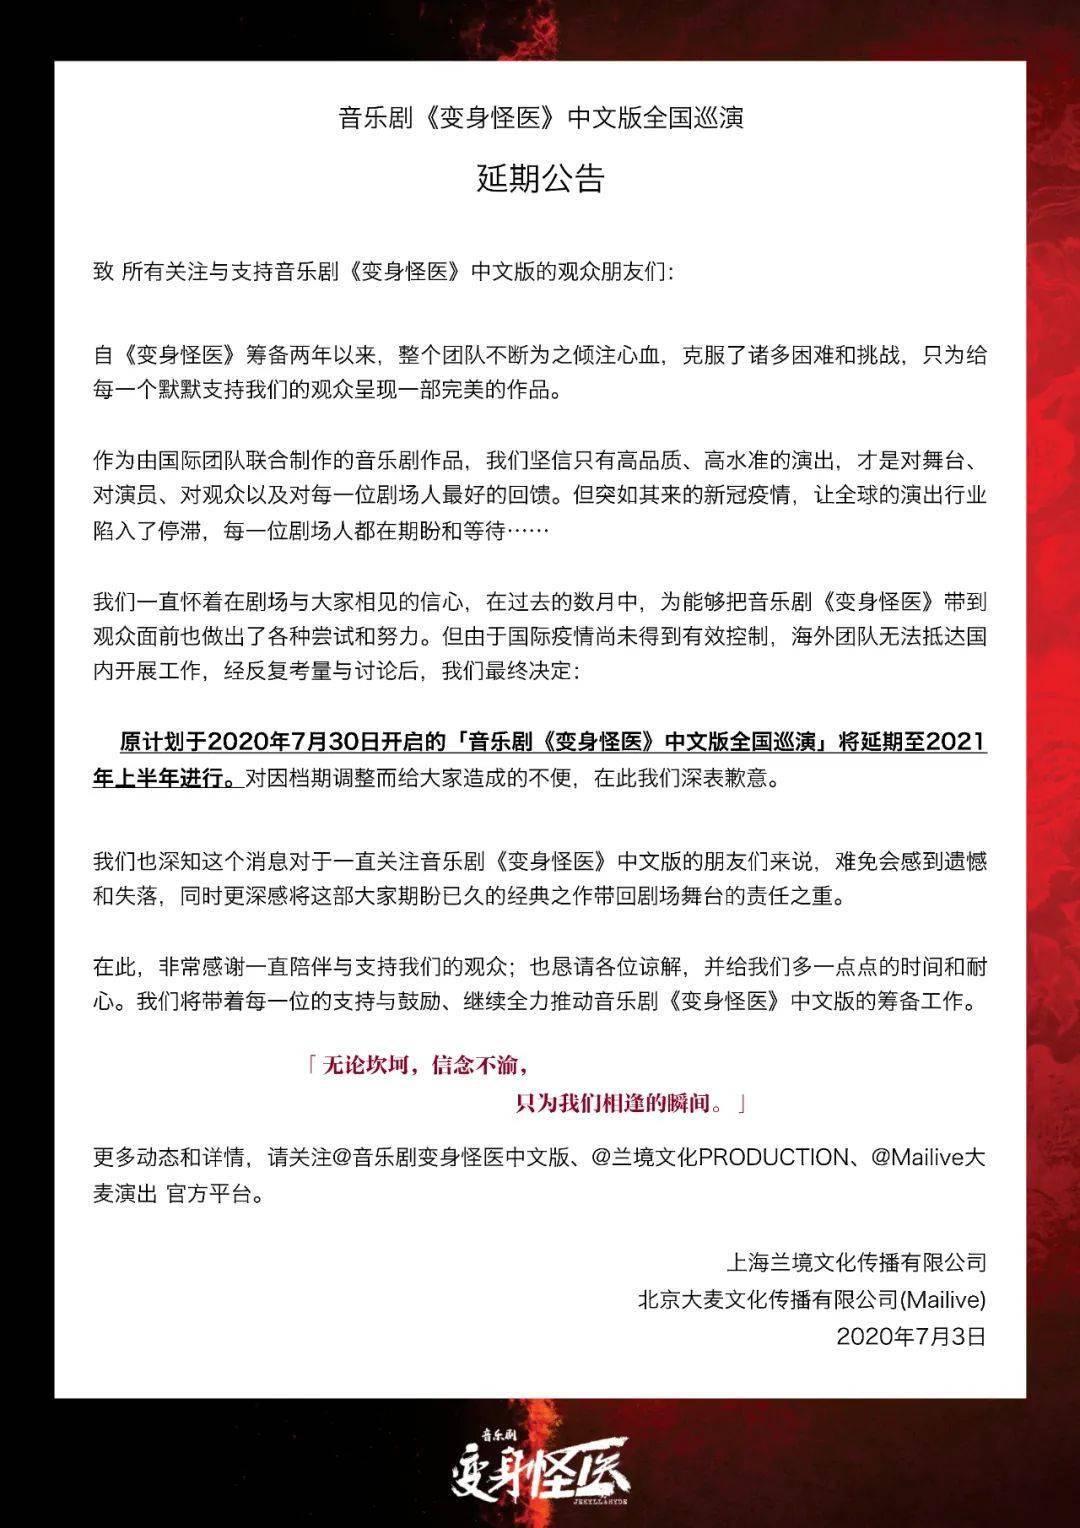 延期公告|音乐剧《变身怪医》中文版将延至明年